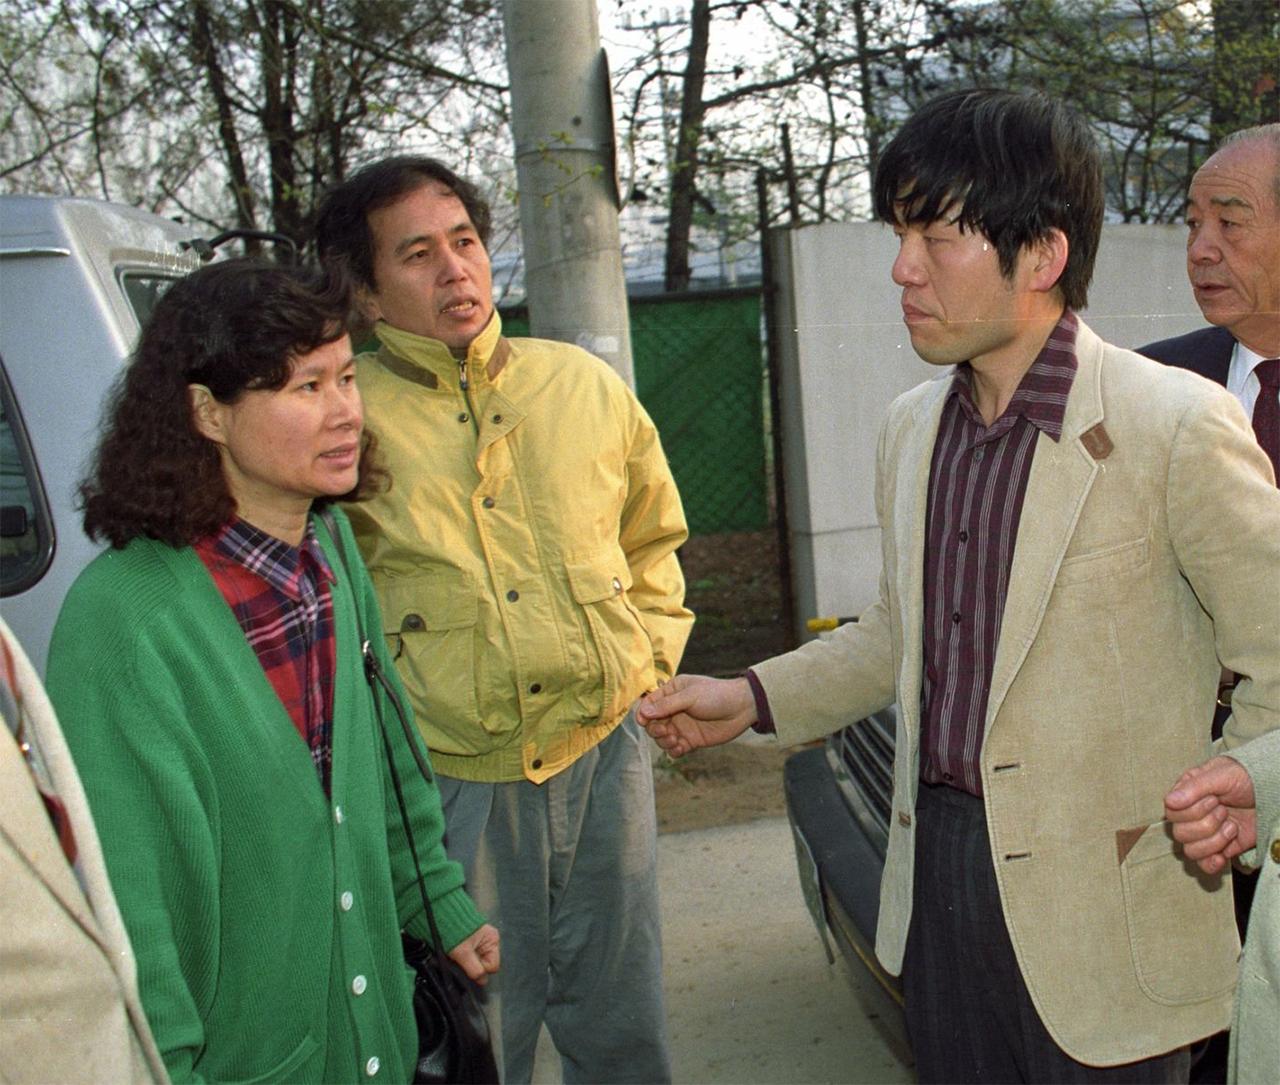 권형택(오른쪽)이 1990년 전민련 활동으로 투옥된 뒤 출감하는 모습. 부인 황인숙이 그를 마중하고 있다